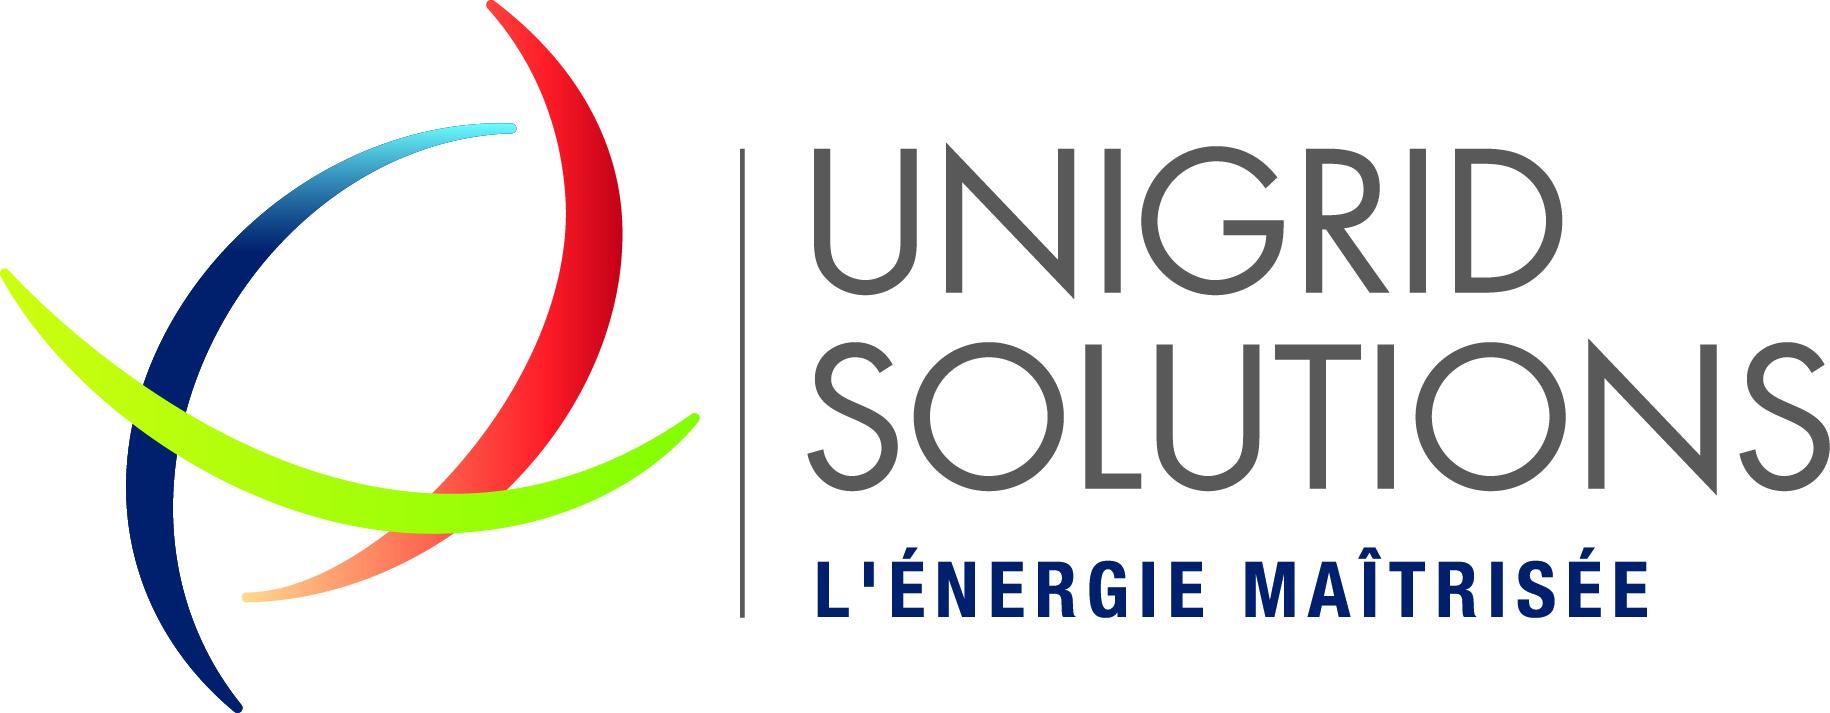 Unigrid Solutions équipe le GIMS13 de sa solution Wesby